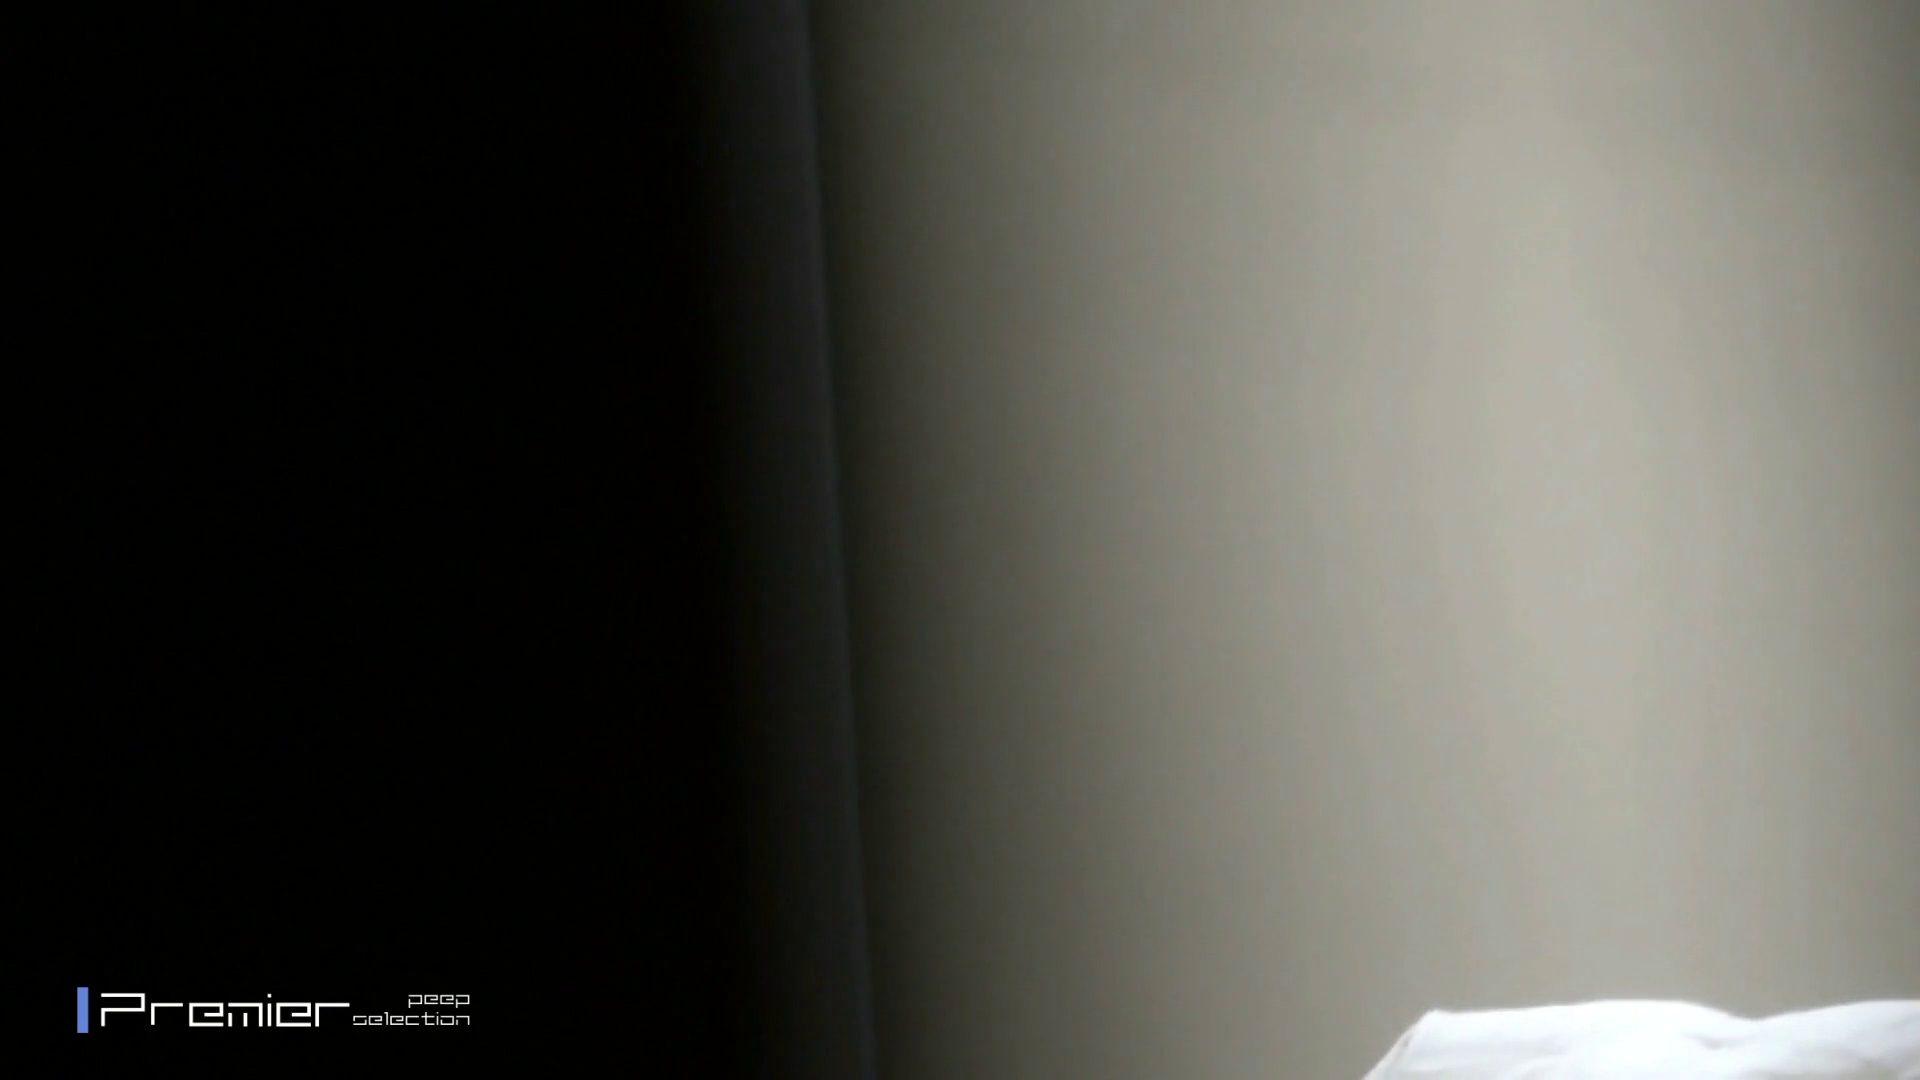 再生38分!マン毛剛毛超絶美女の私生活 美女達の私生活に潜入! 潜入エロ調査 | 高画質  78連発 12